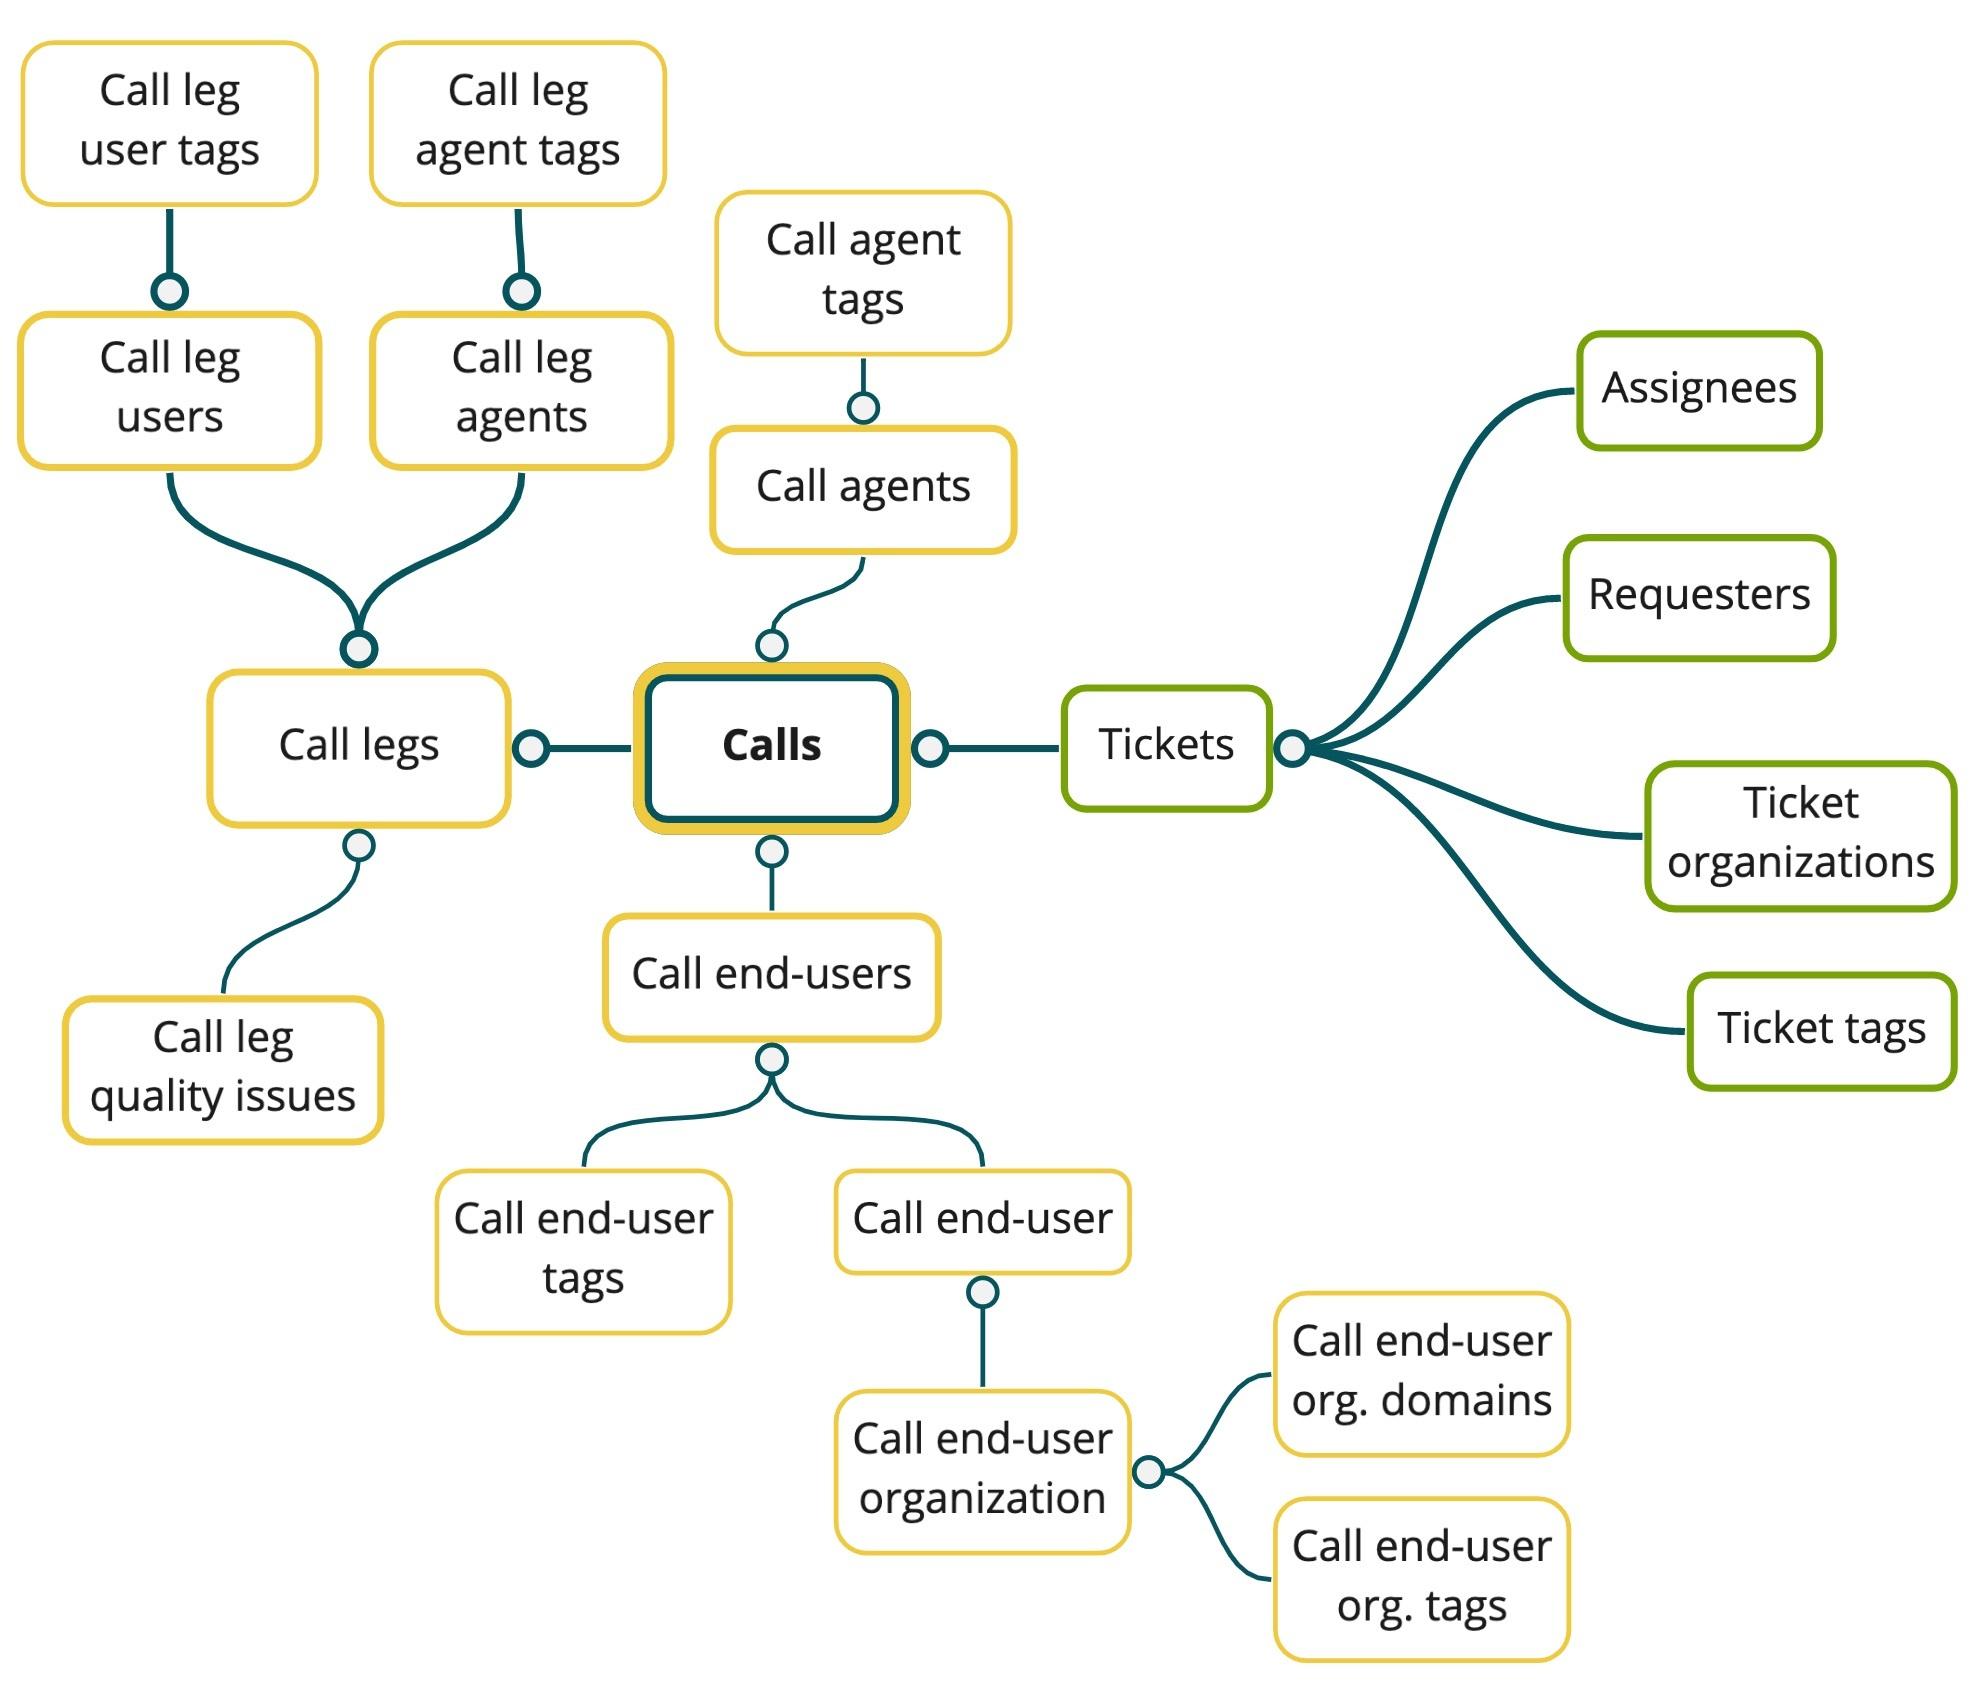 Schéma du jeu de données des appels Talk